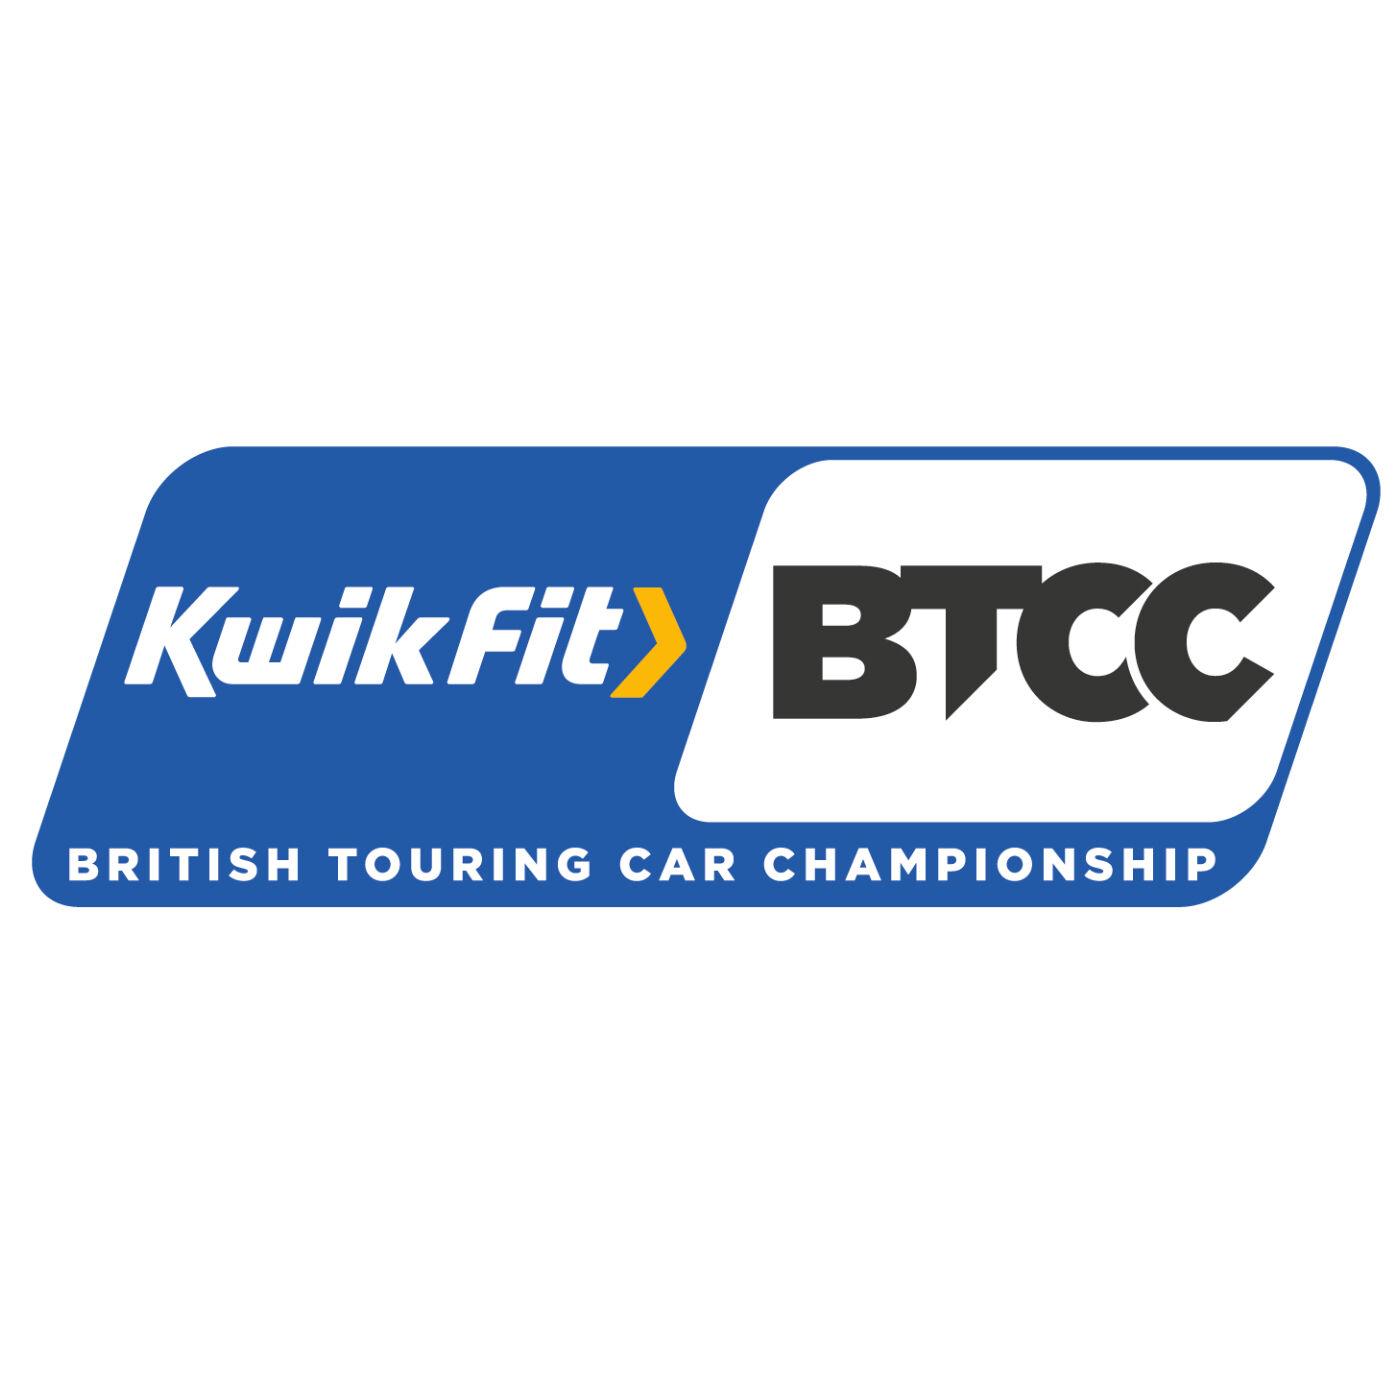 Rory Butcher - Motorbase Performance - Brands Hatch Race 3 - 15th November 2020